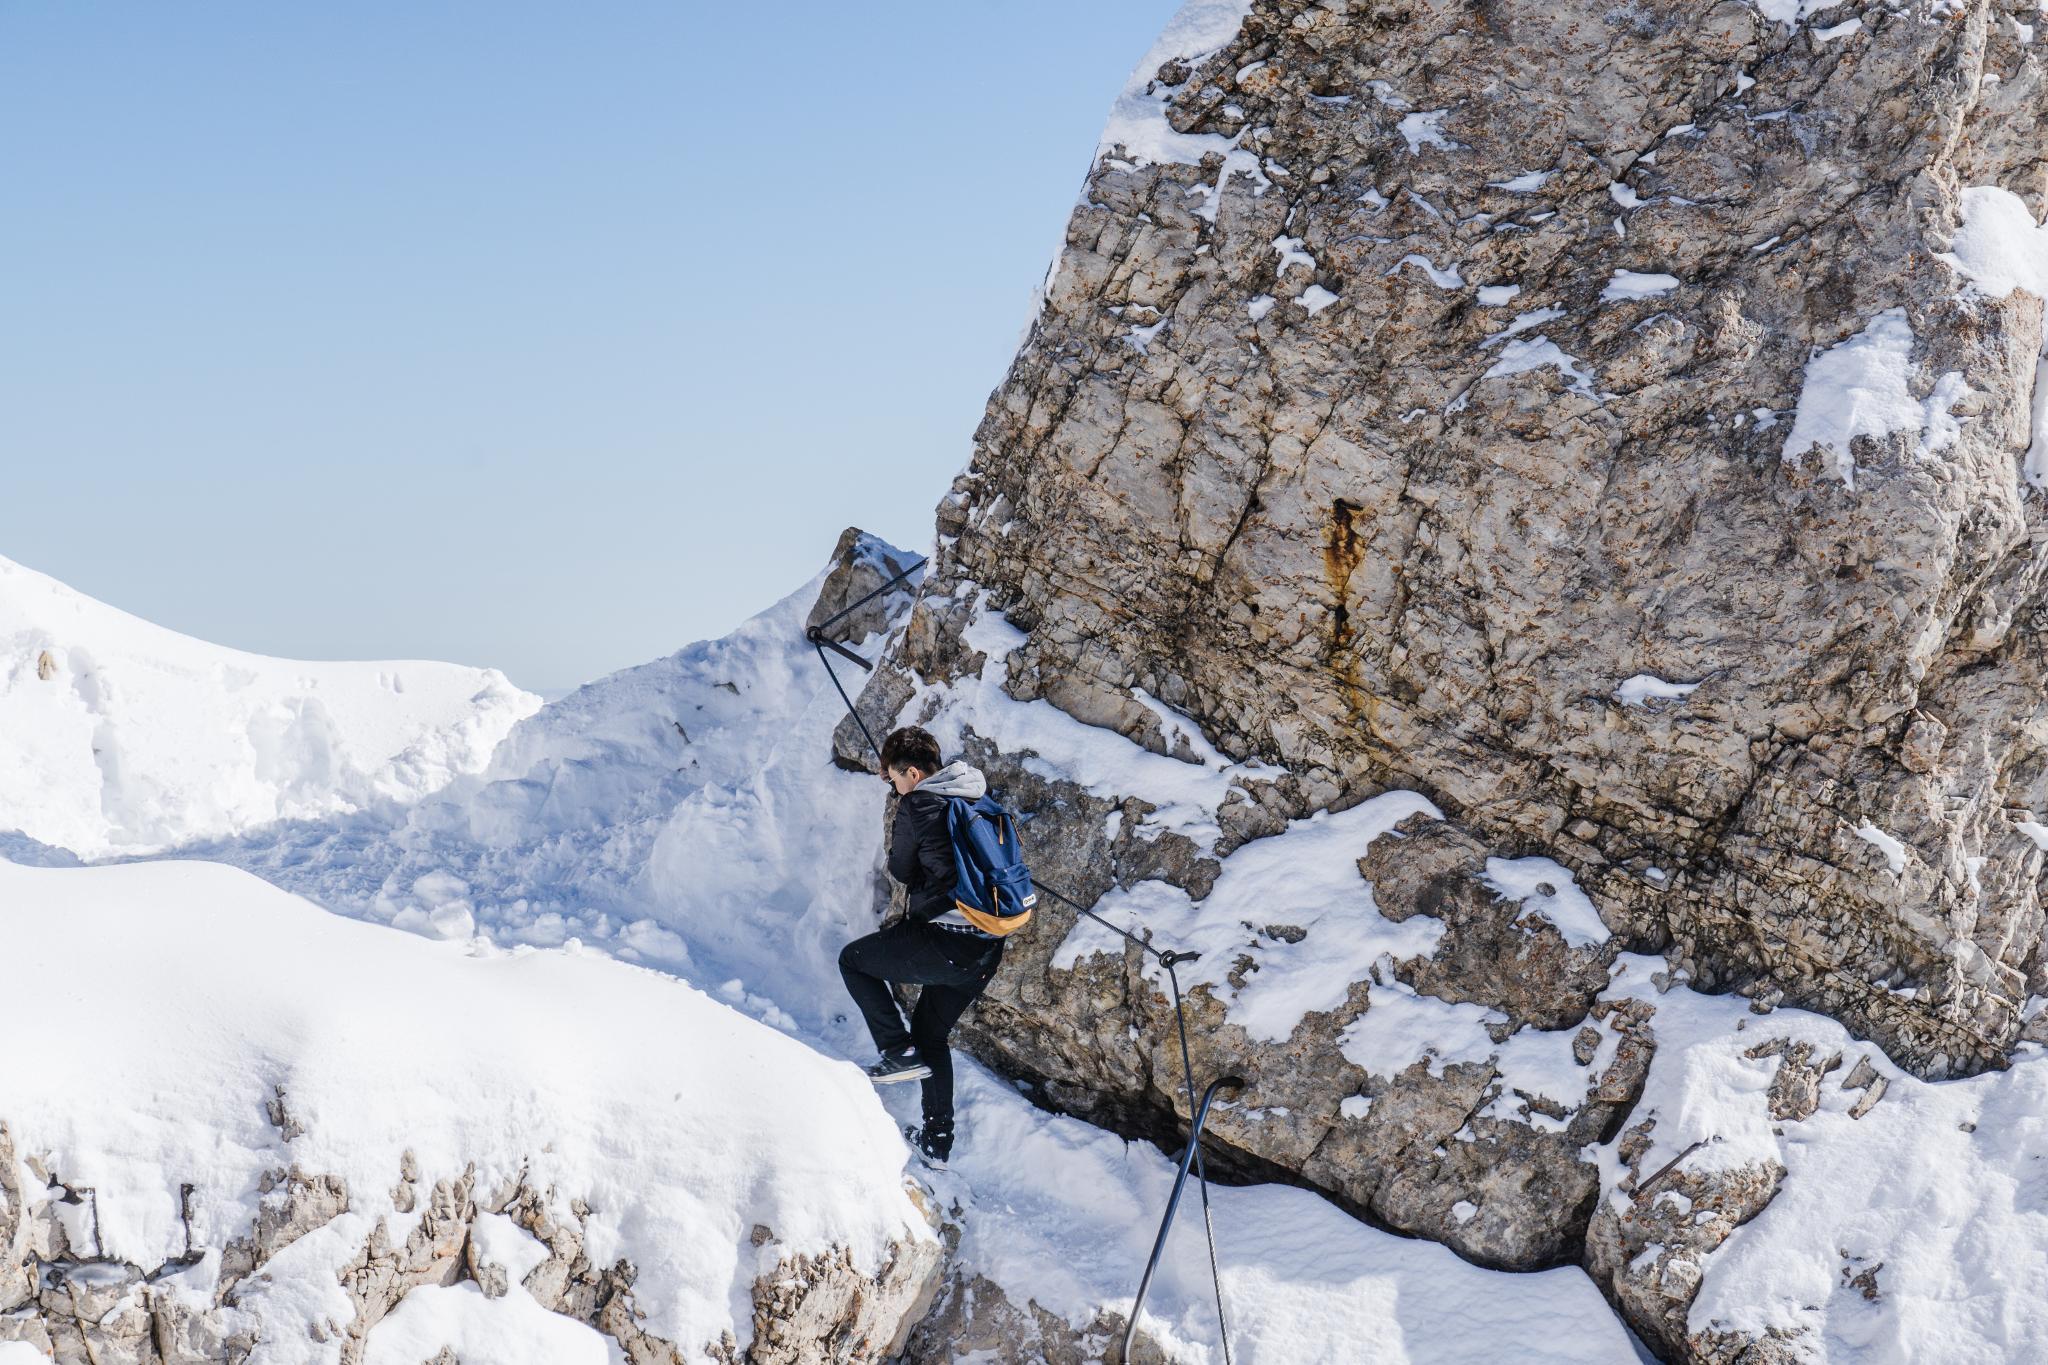 【德國】阿爾卑斯大道:楚格峰 (Zugspitze) 登上德國之巔 56